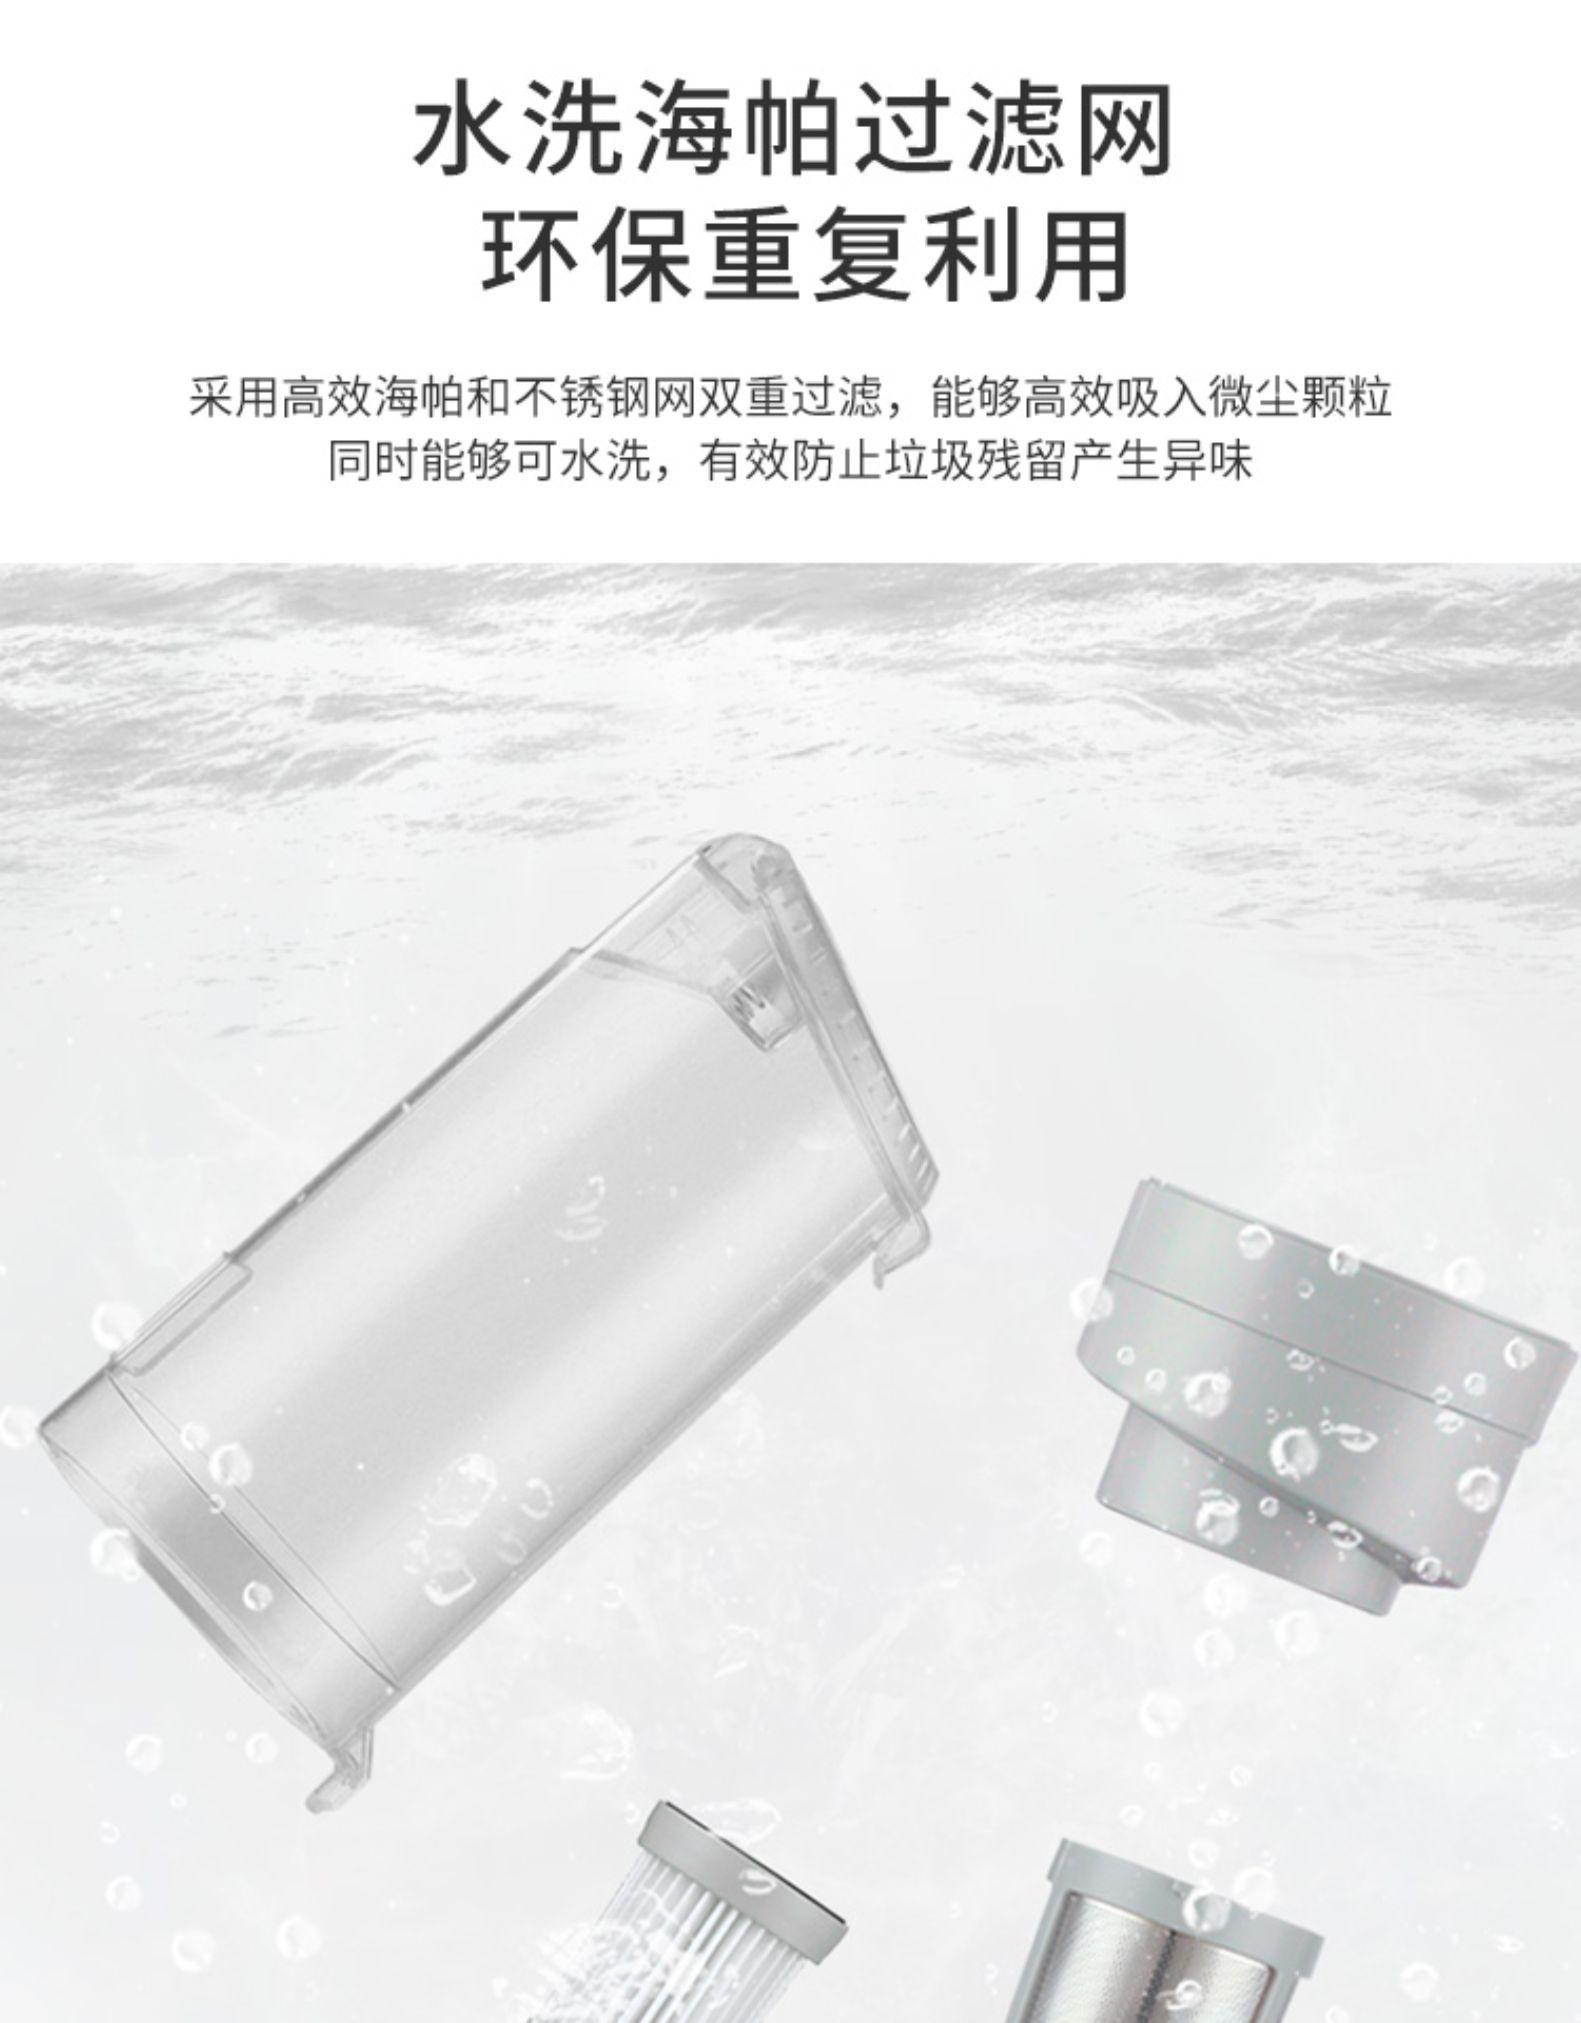 水洗海帕过滤网环保重复利用釆用高效海帕和不锈钢网双重过滤,能够高效吸入微尘颗粒同时能够可水洗,有效防止垃圾残留产生异味-推好价 | 品质生活 精选好价